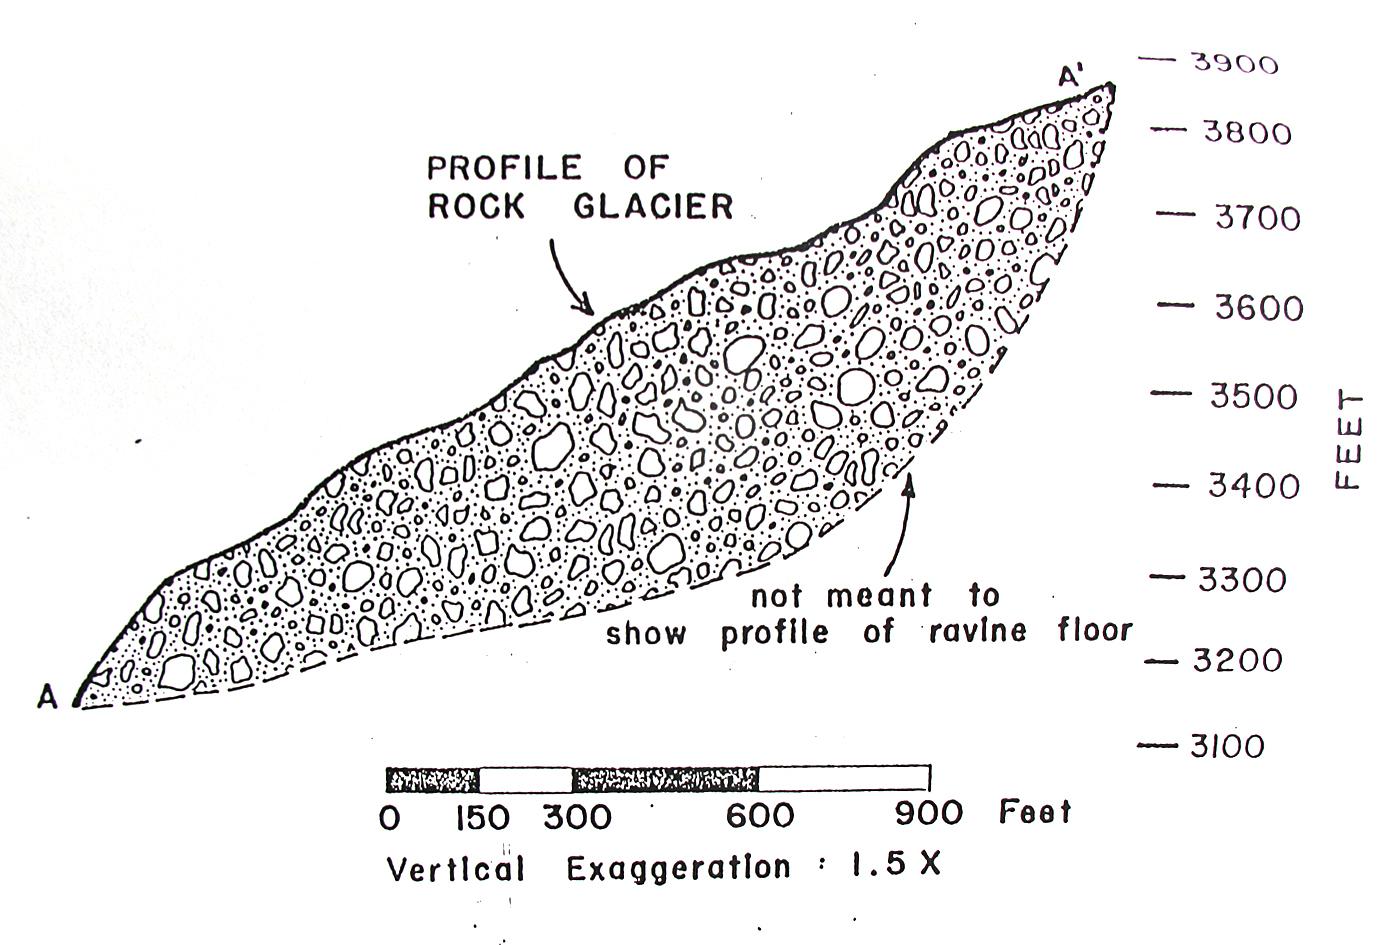 cirque glacier diagram 220 volt motor wiring white mountain sojourn 7 26 14 mt adams king ravine